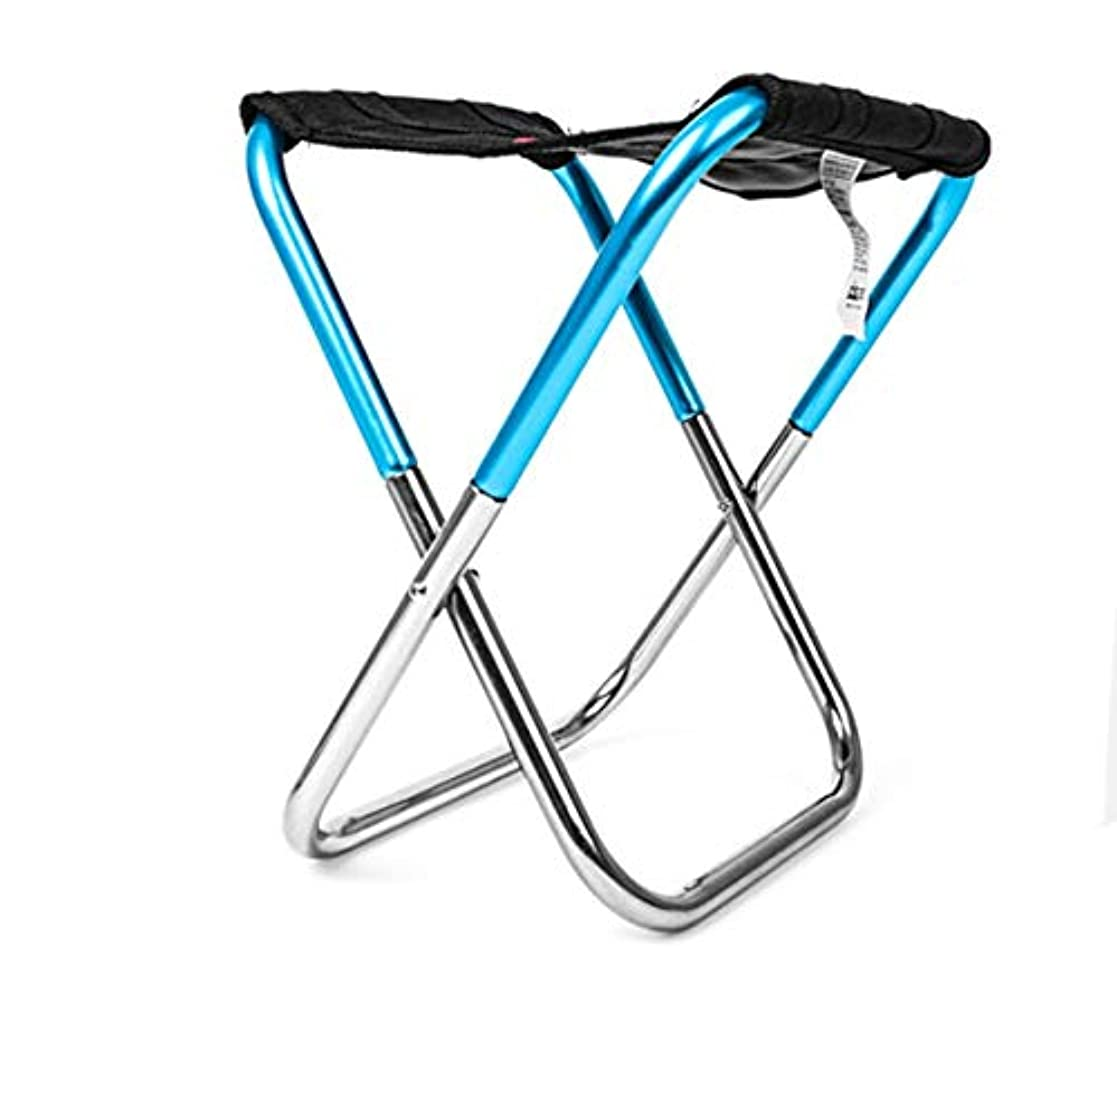 起こるカテナメッシュ屋外折りたたみシートチェア折りたたみミニスツールポータブルキャンプフィッシングトレインベンチ折りたたみ式並んだスツール-ブルー